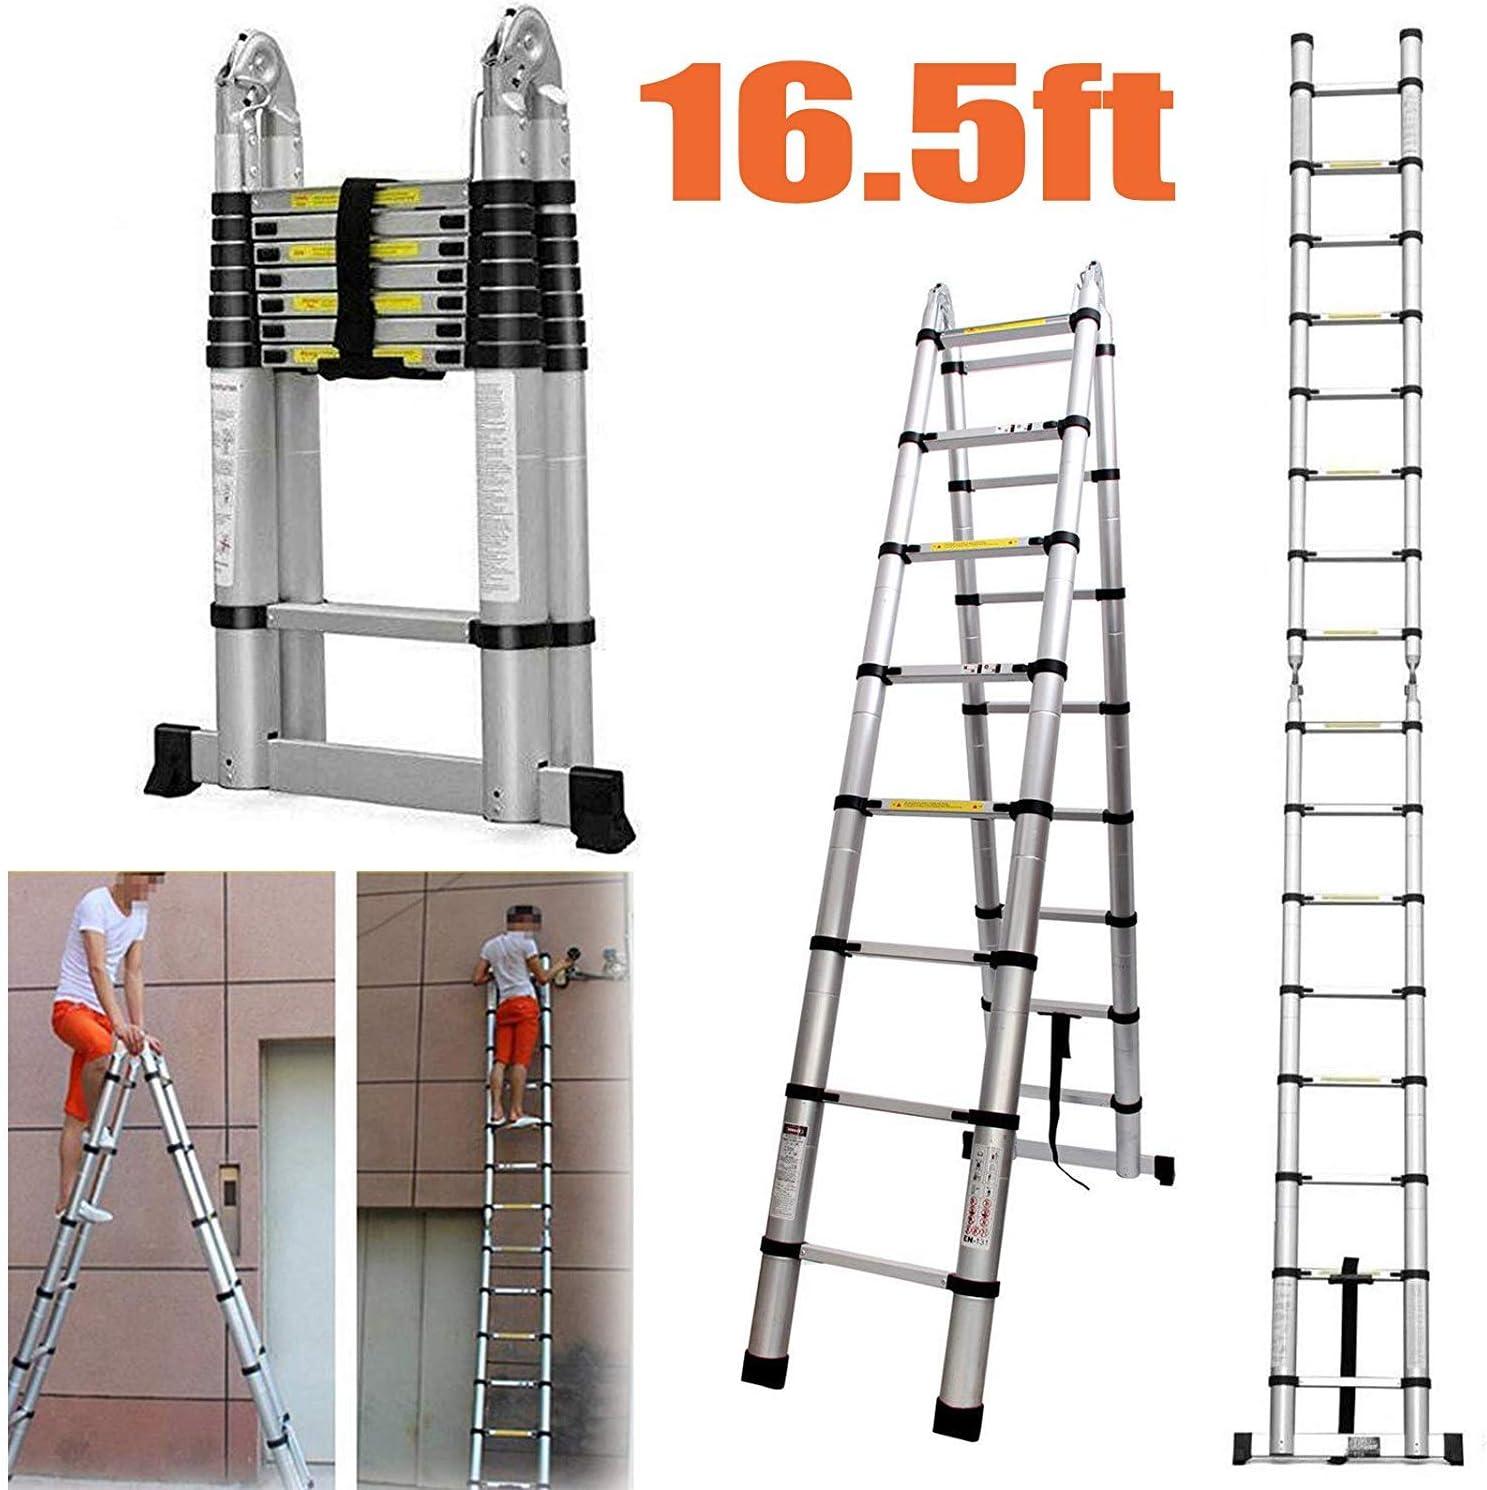 Escalera telescópica 5M un marco/escaleras rectas de aluminio portable Extensionable múltiples, con la barra estabilizadora Altura 16,5 pies 330 libras / 150 kg Carga máxima dljyy: Amazon.es: Bricolaje y herramientas